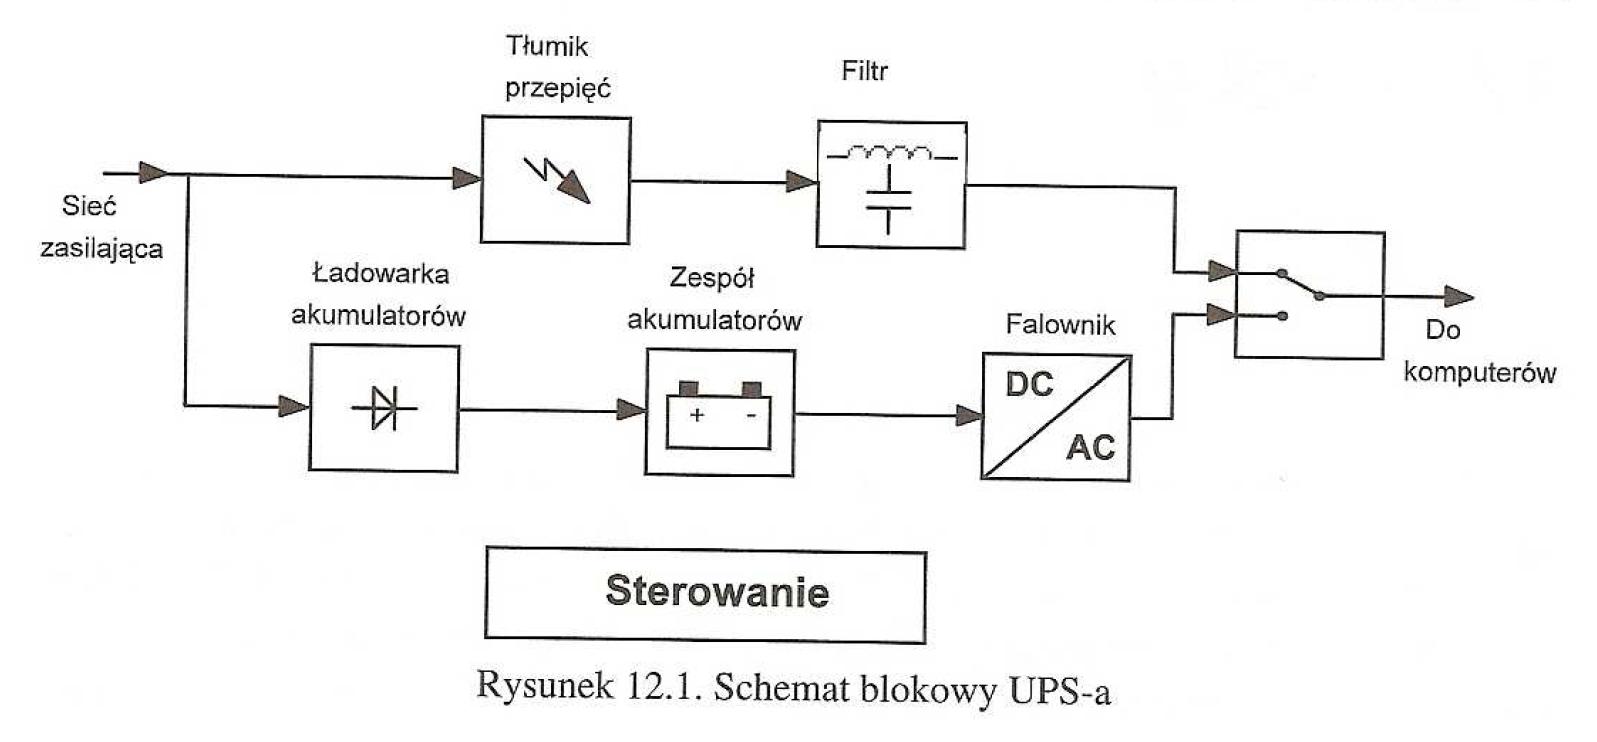 Schemat blokowy UPS